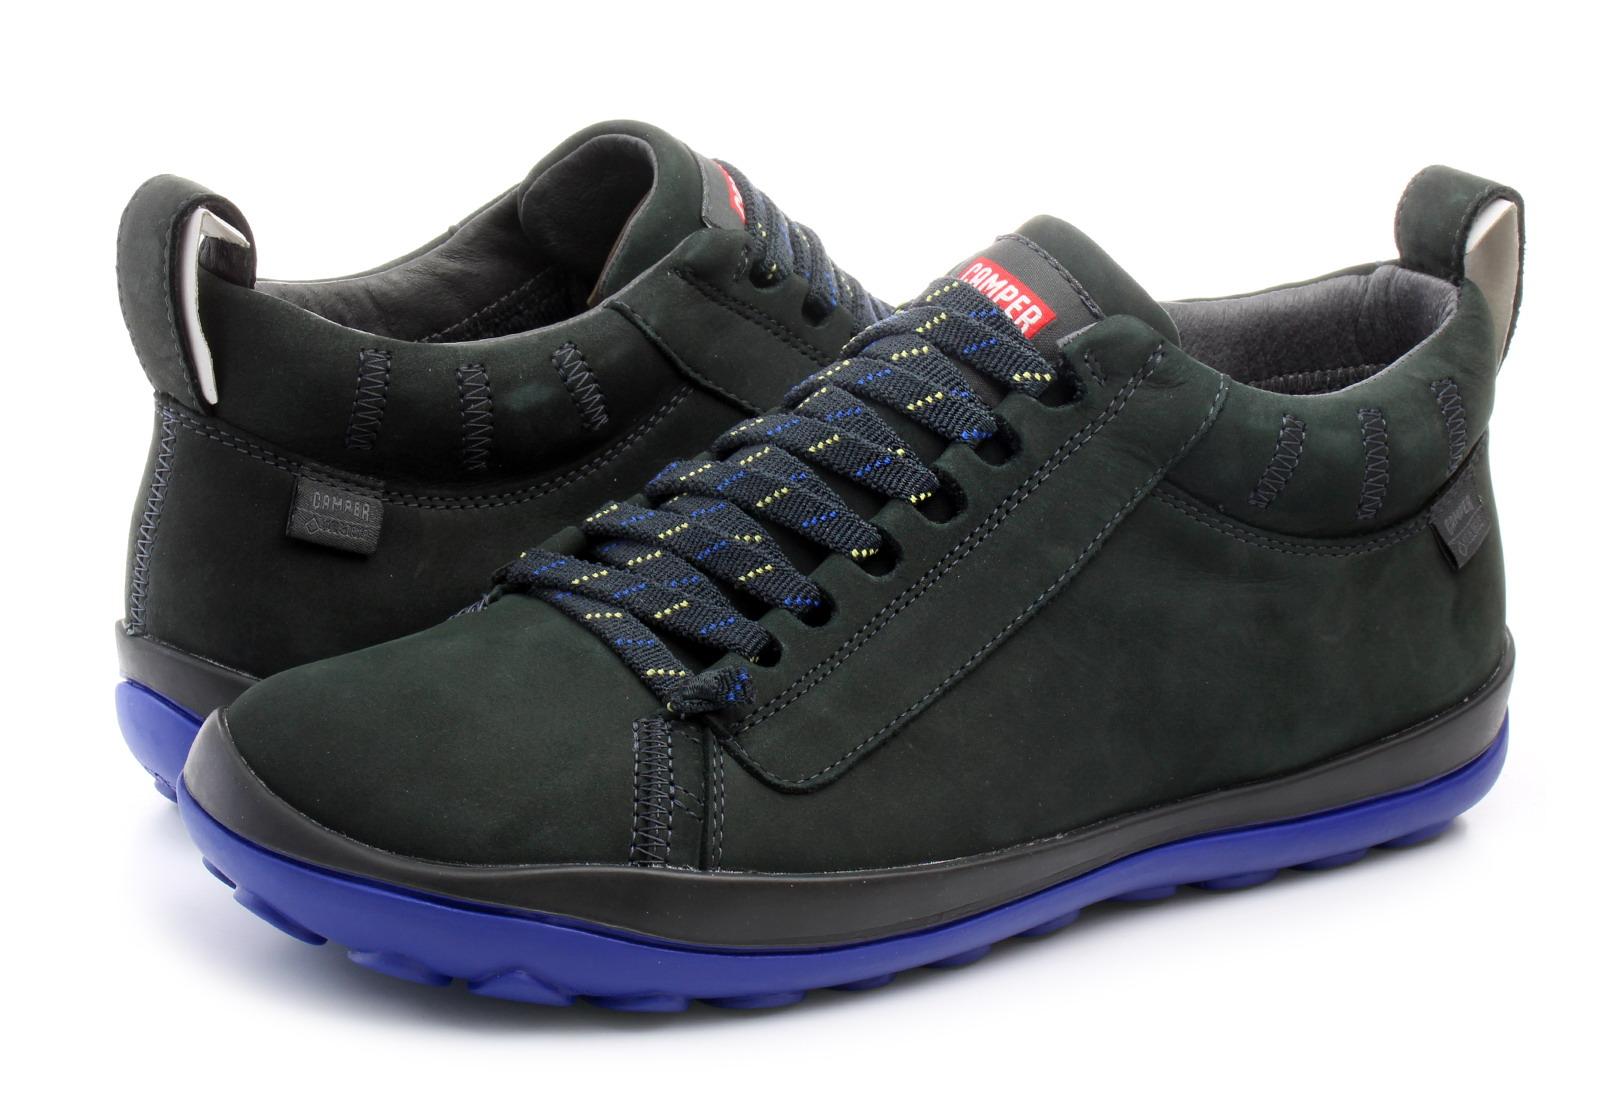 Camper Polbuty Peu Pista 36544 066 Obuwie I Buty Damskie Meskie Dzieciece W Office Shoes